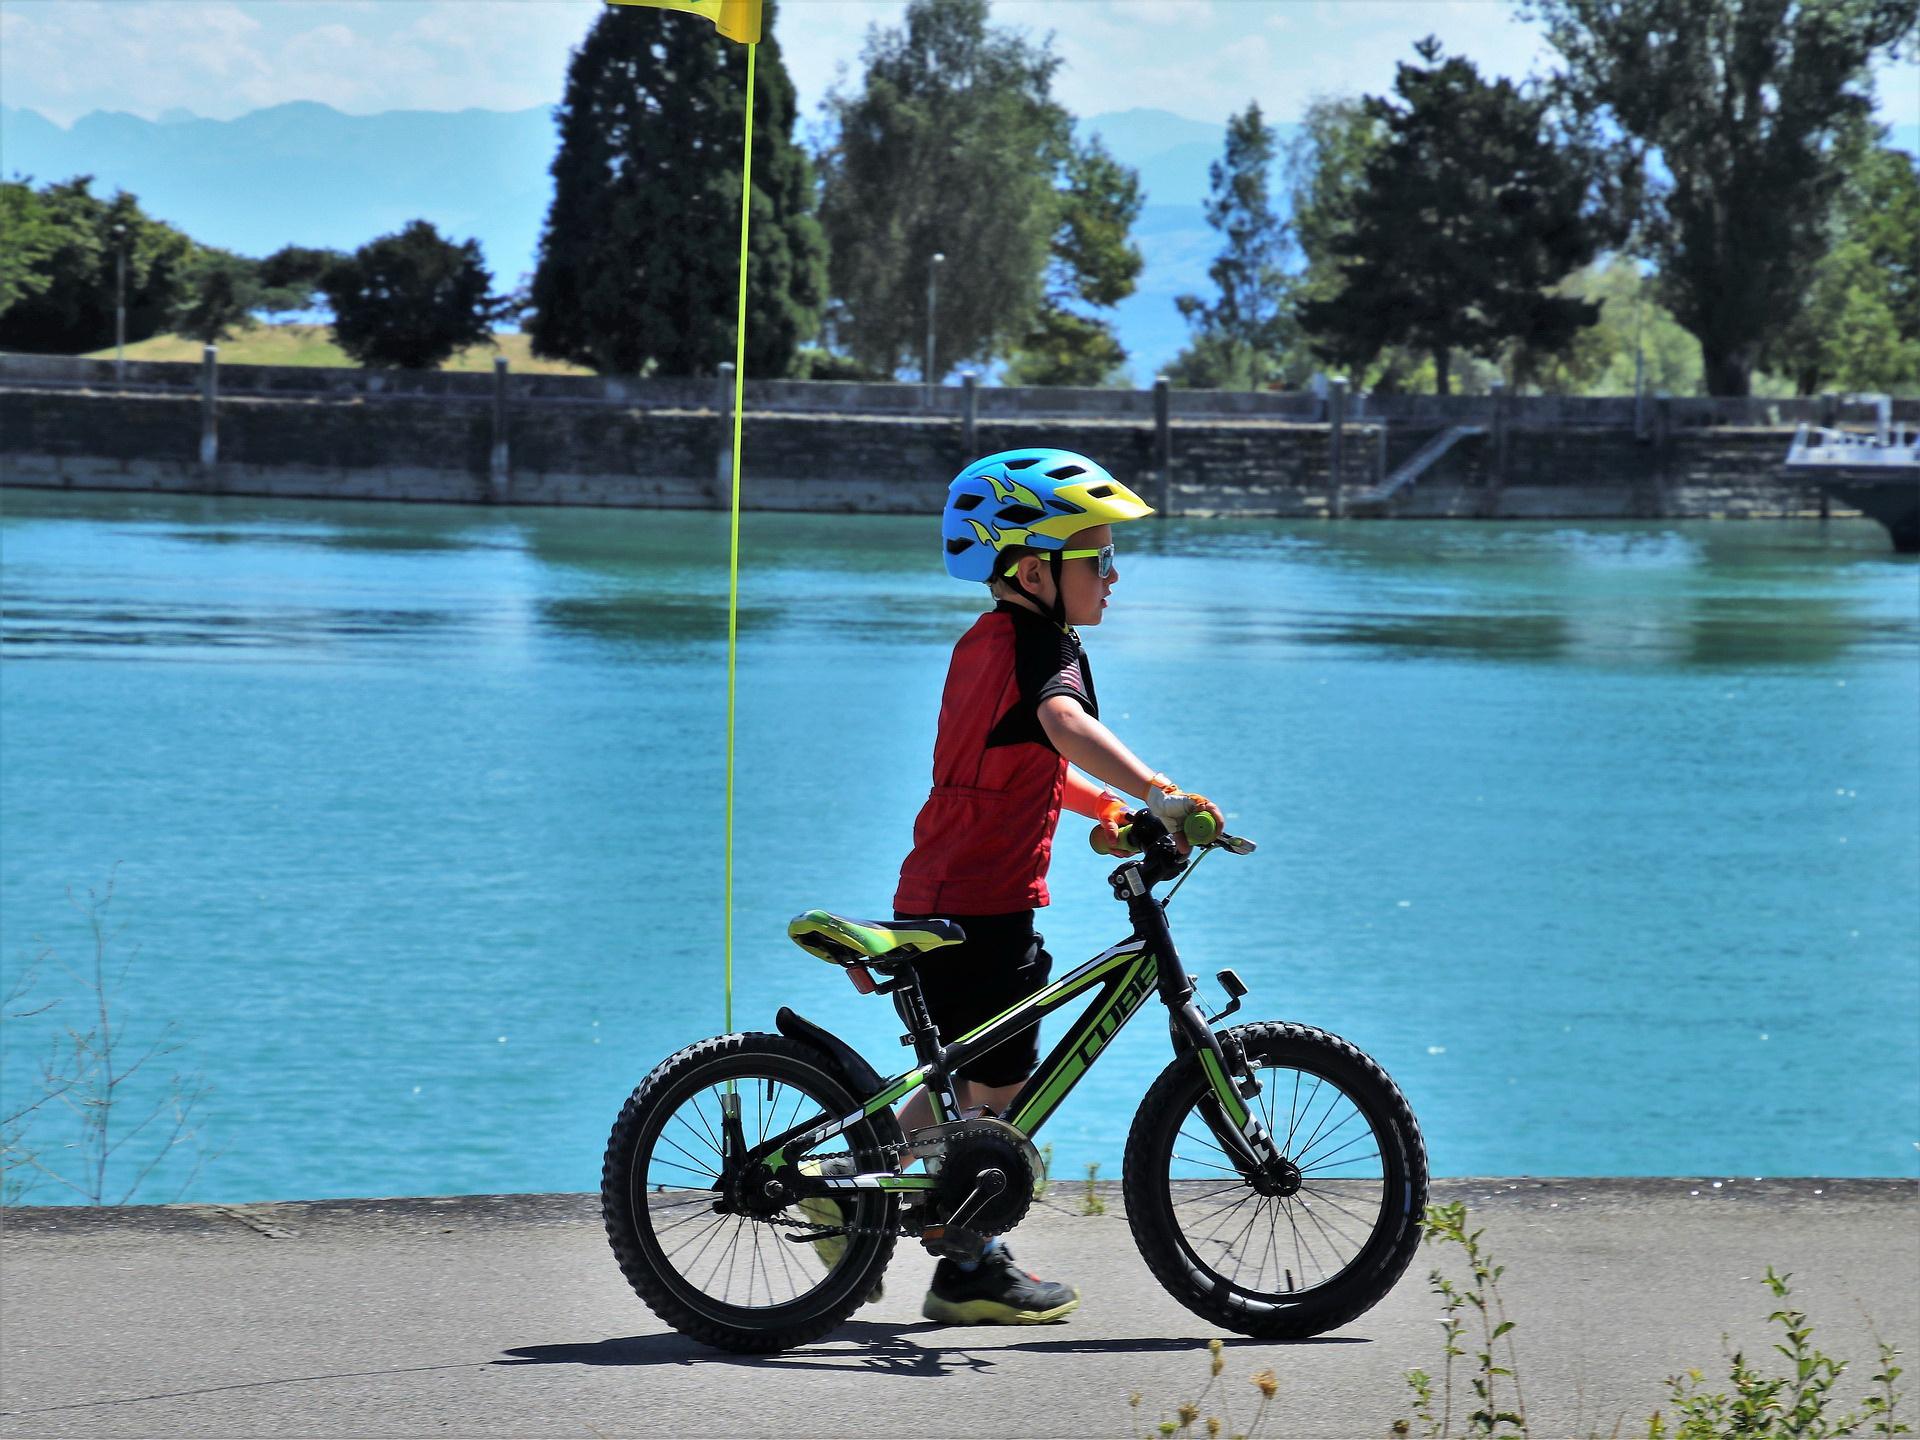 Zagadka rymowanka dla dzieci o rowerze